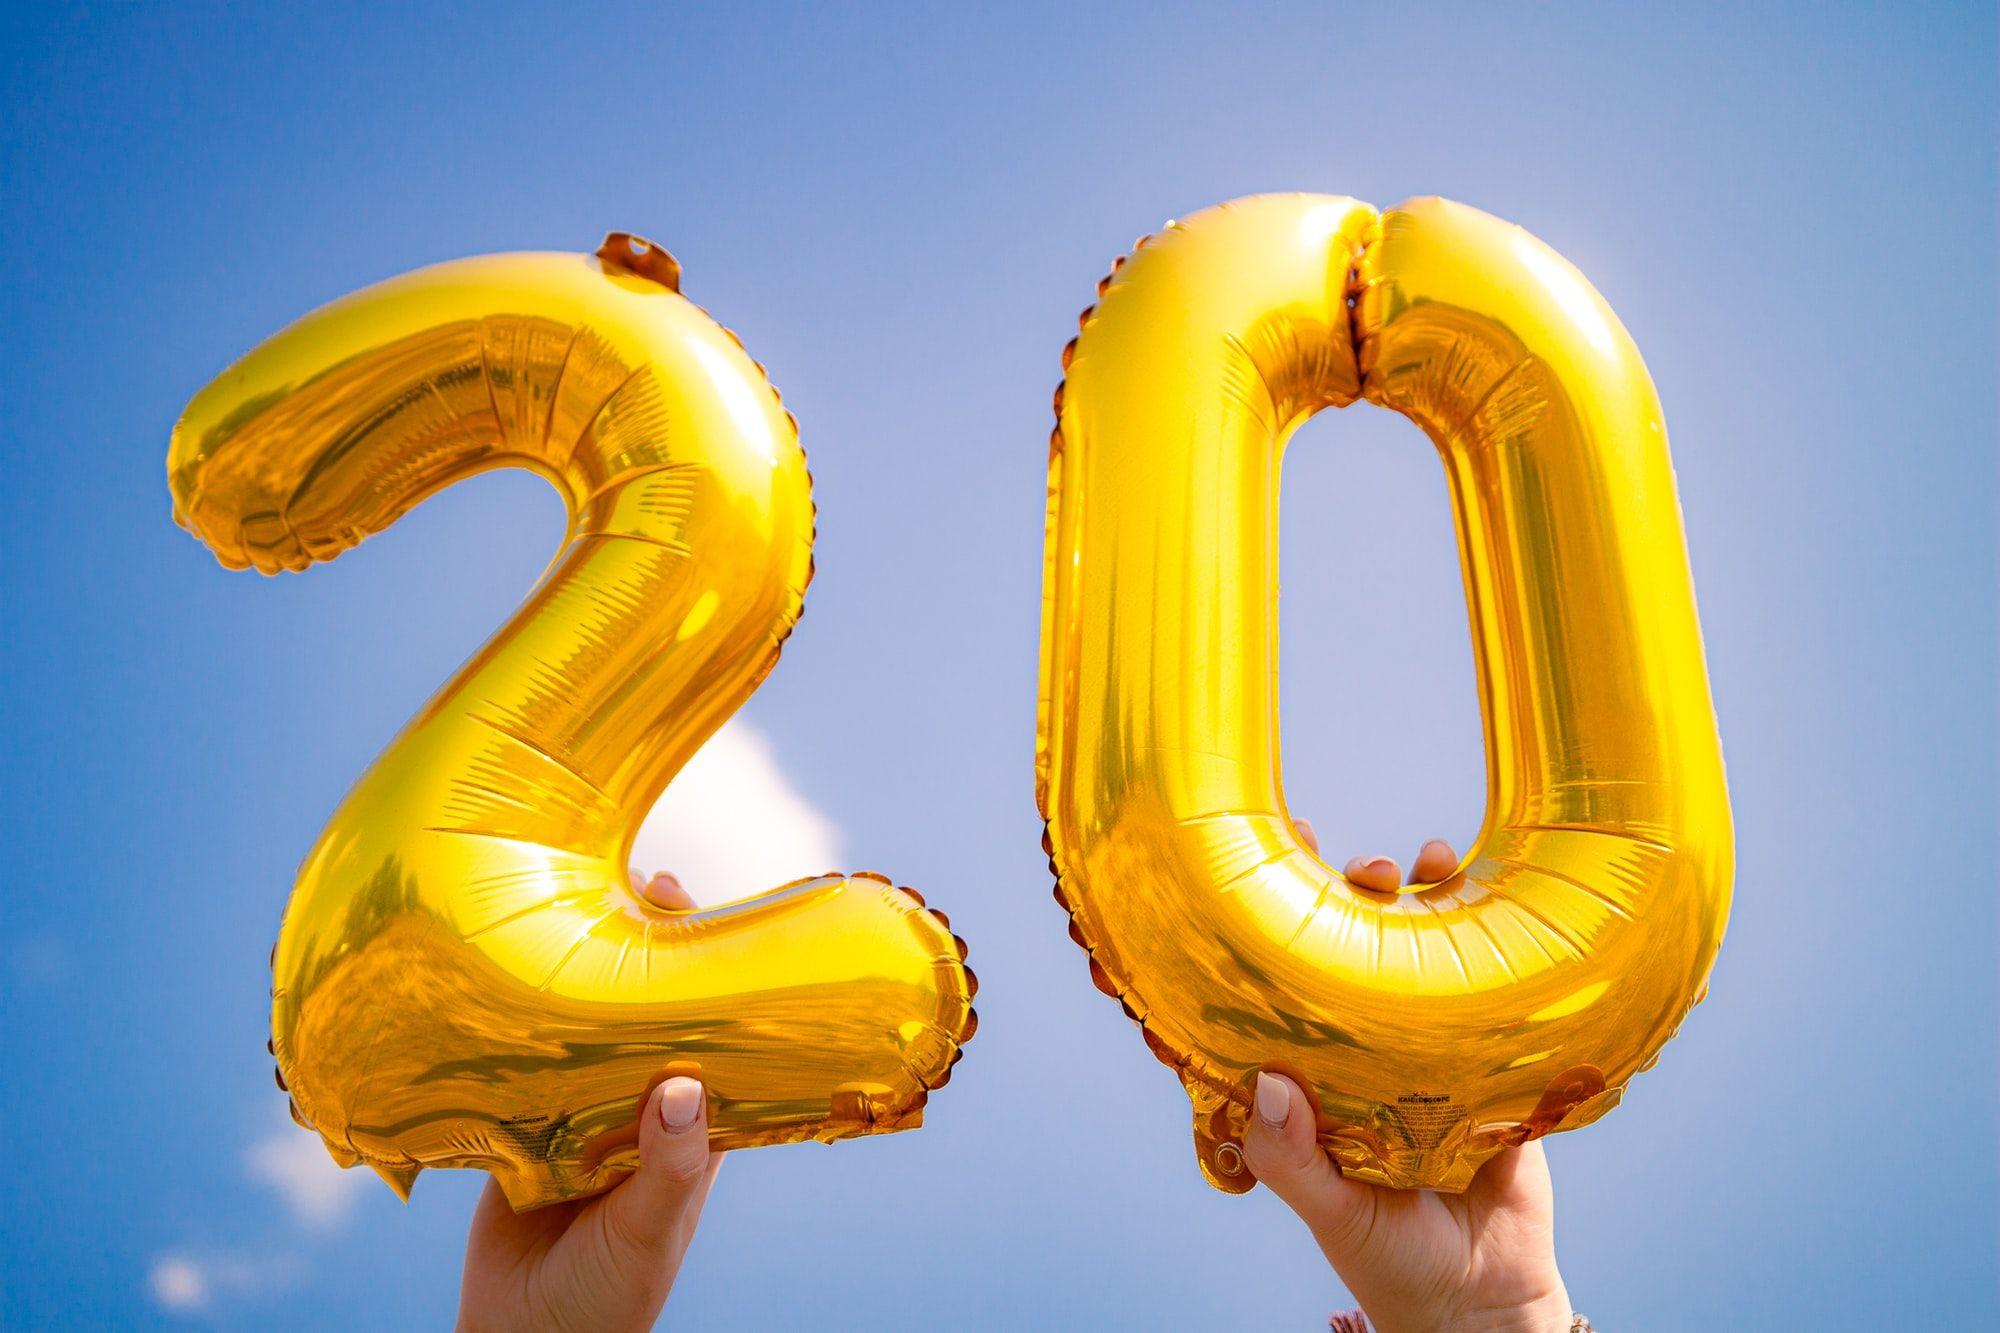 inflatable twenty